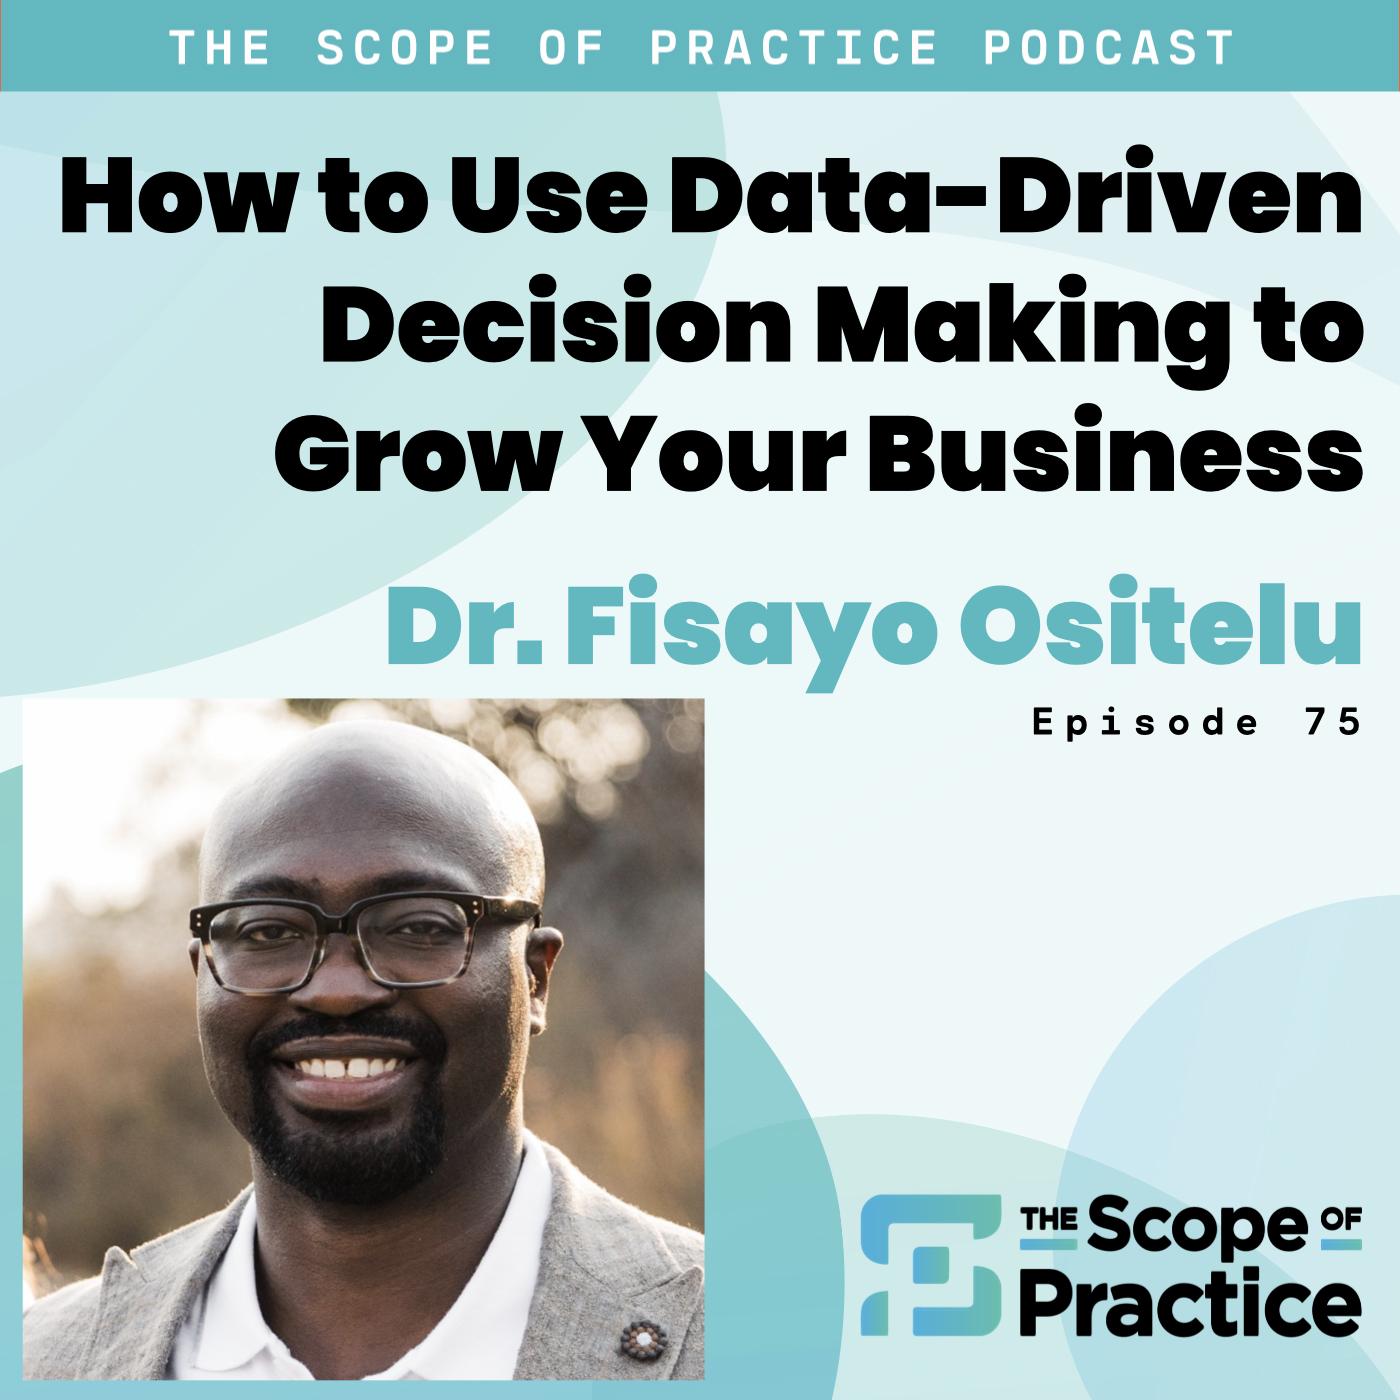 Dr. Fisayo Ositelu